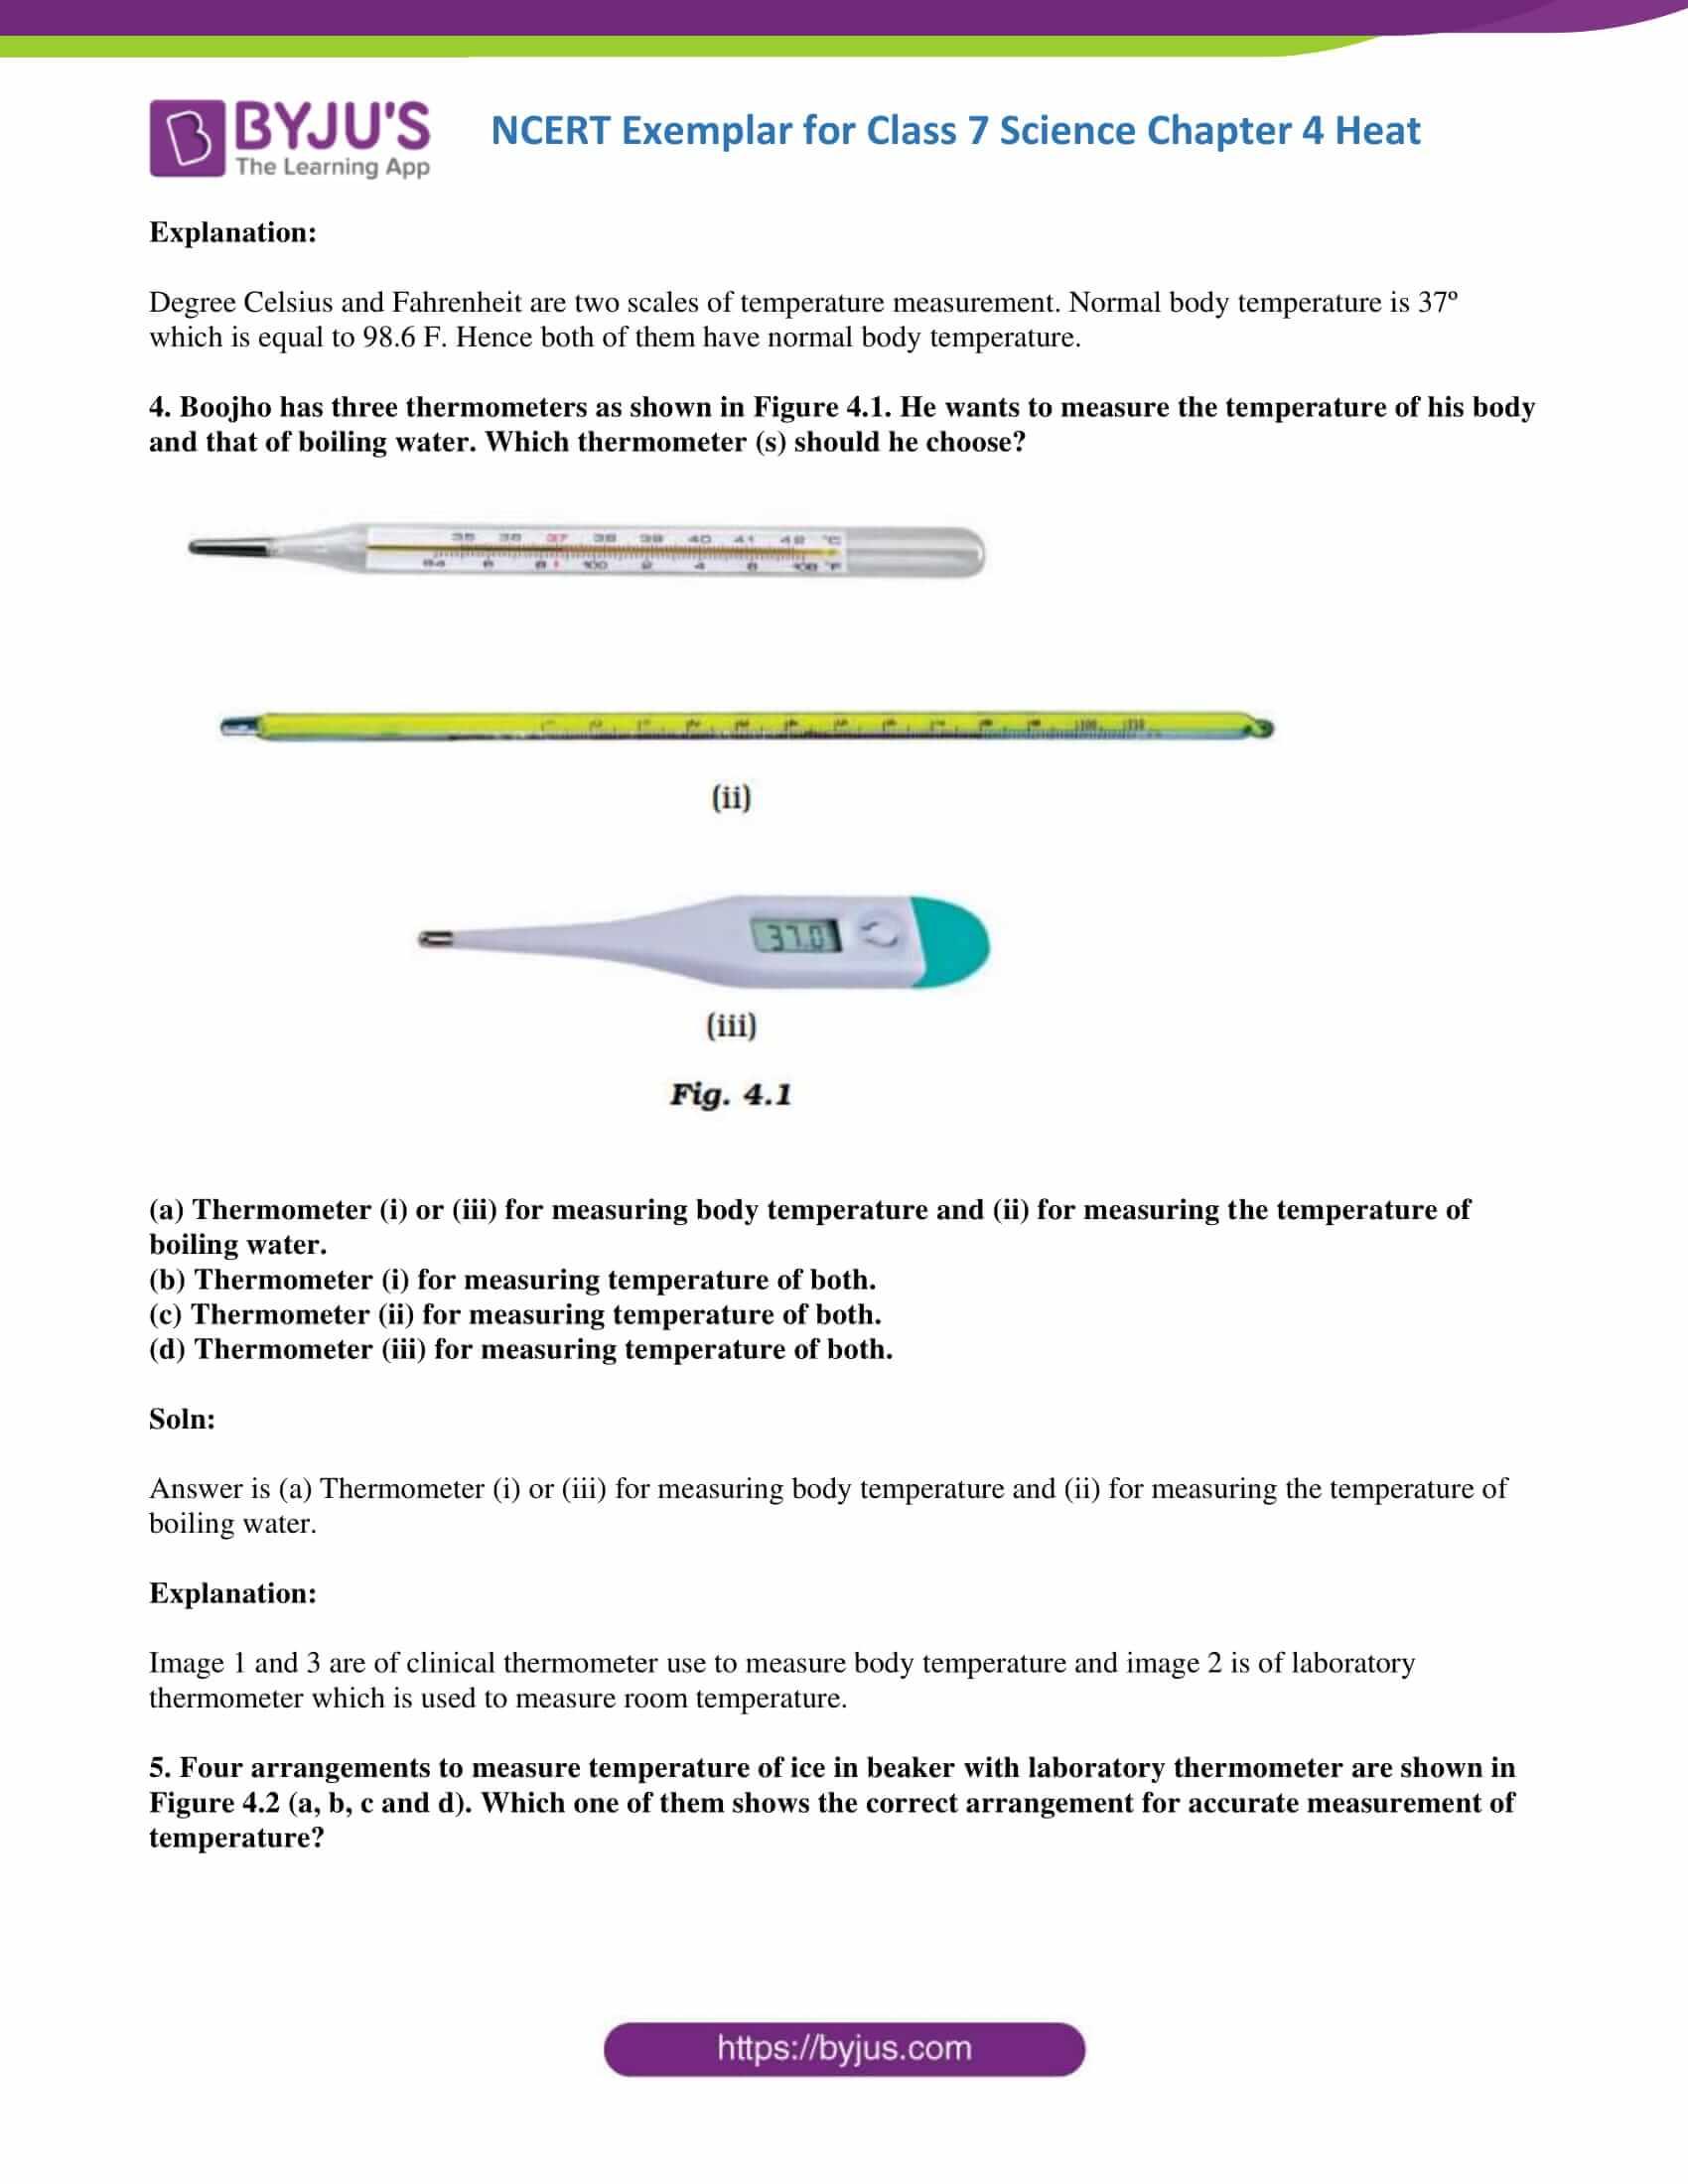 NCERT Exemplar solution class 7 science Chapter 4 2